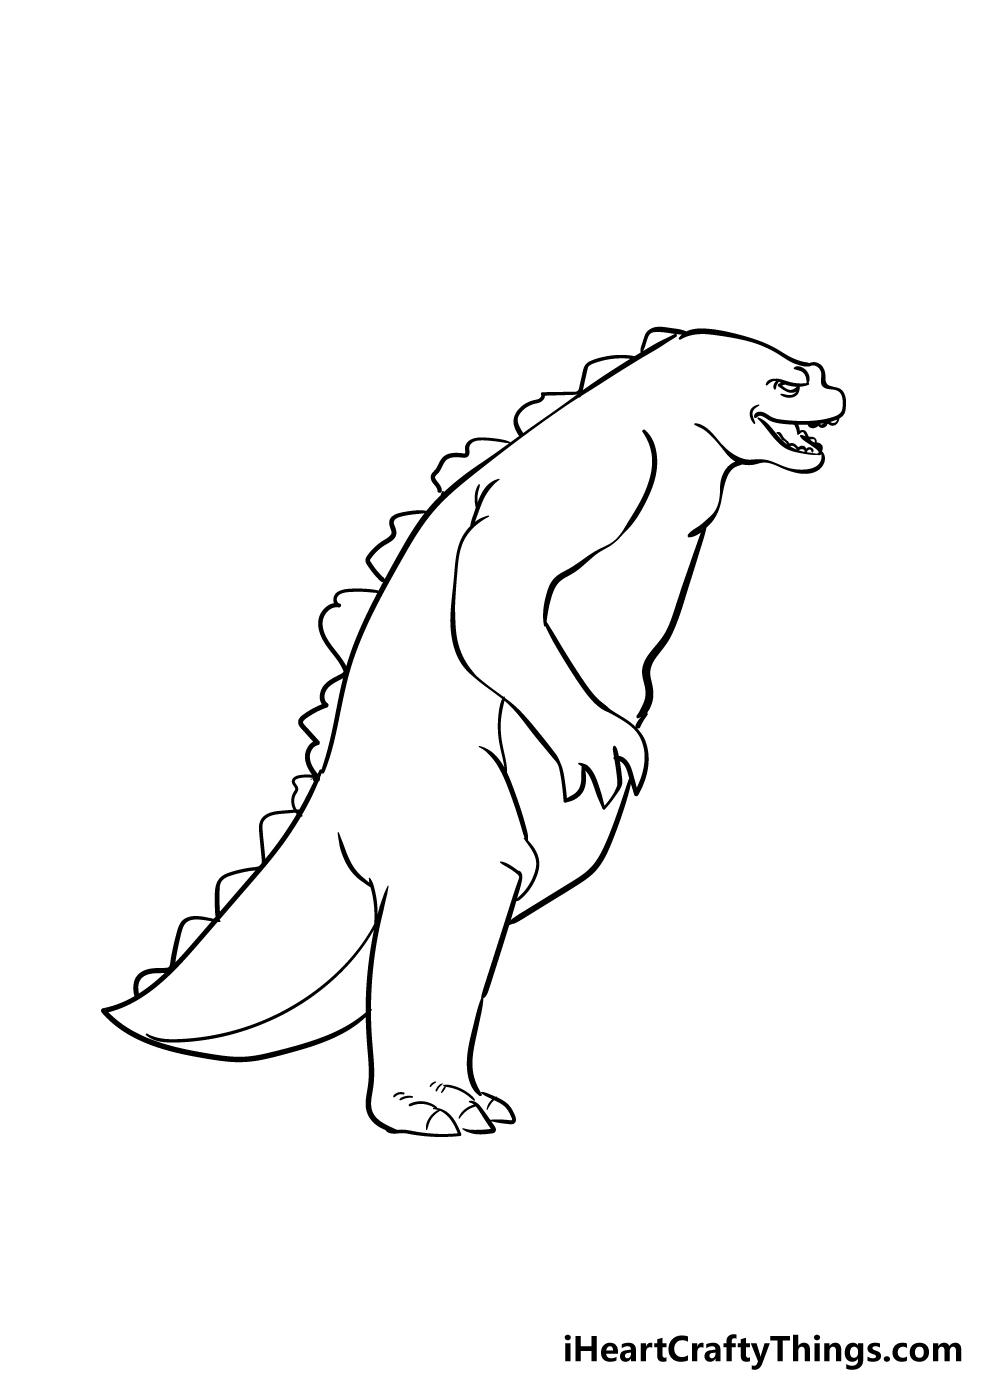 Godzilla drawing step 5